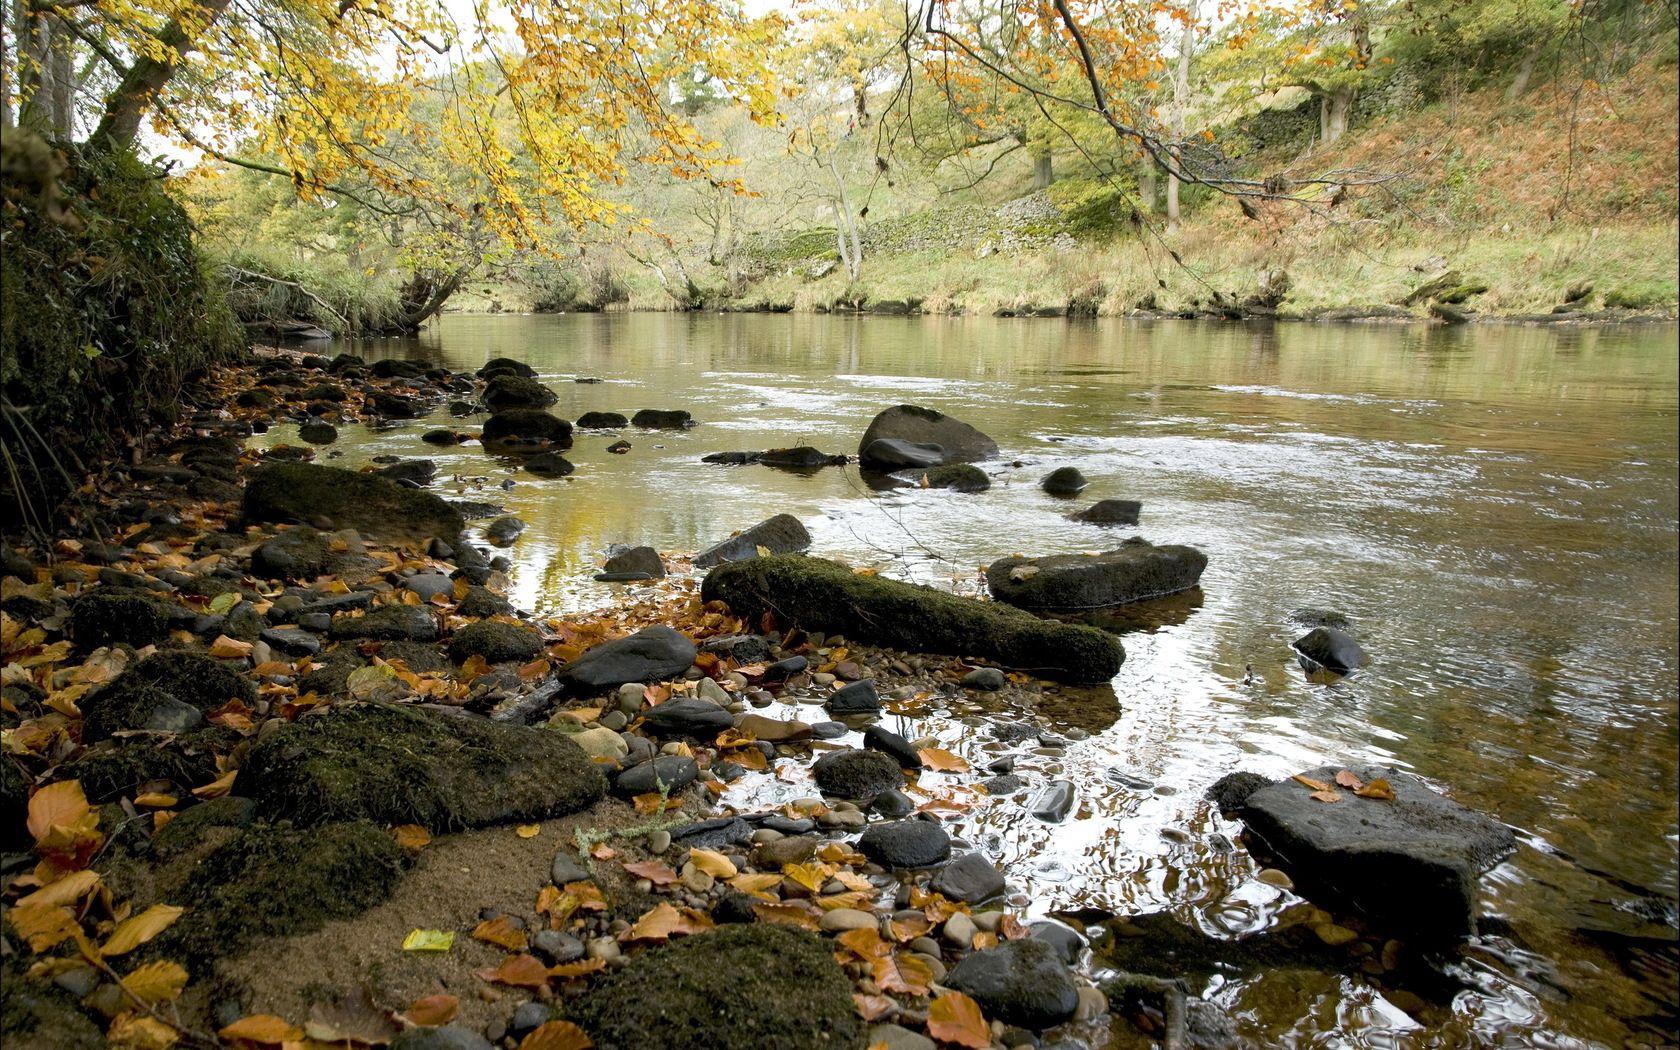 105740 скачать обои Природа, Река, Камни, Осень, Листья, Берег, Течение - заставки и картинки бесплатно